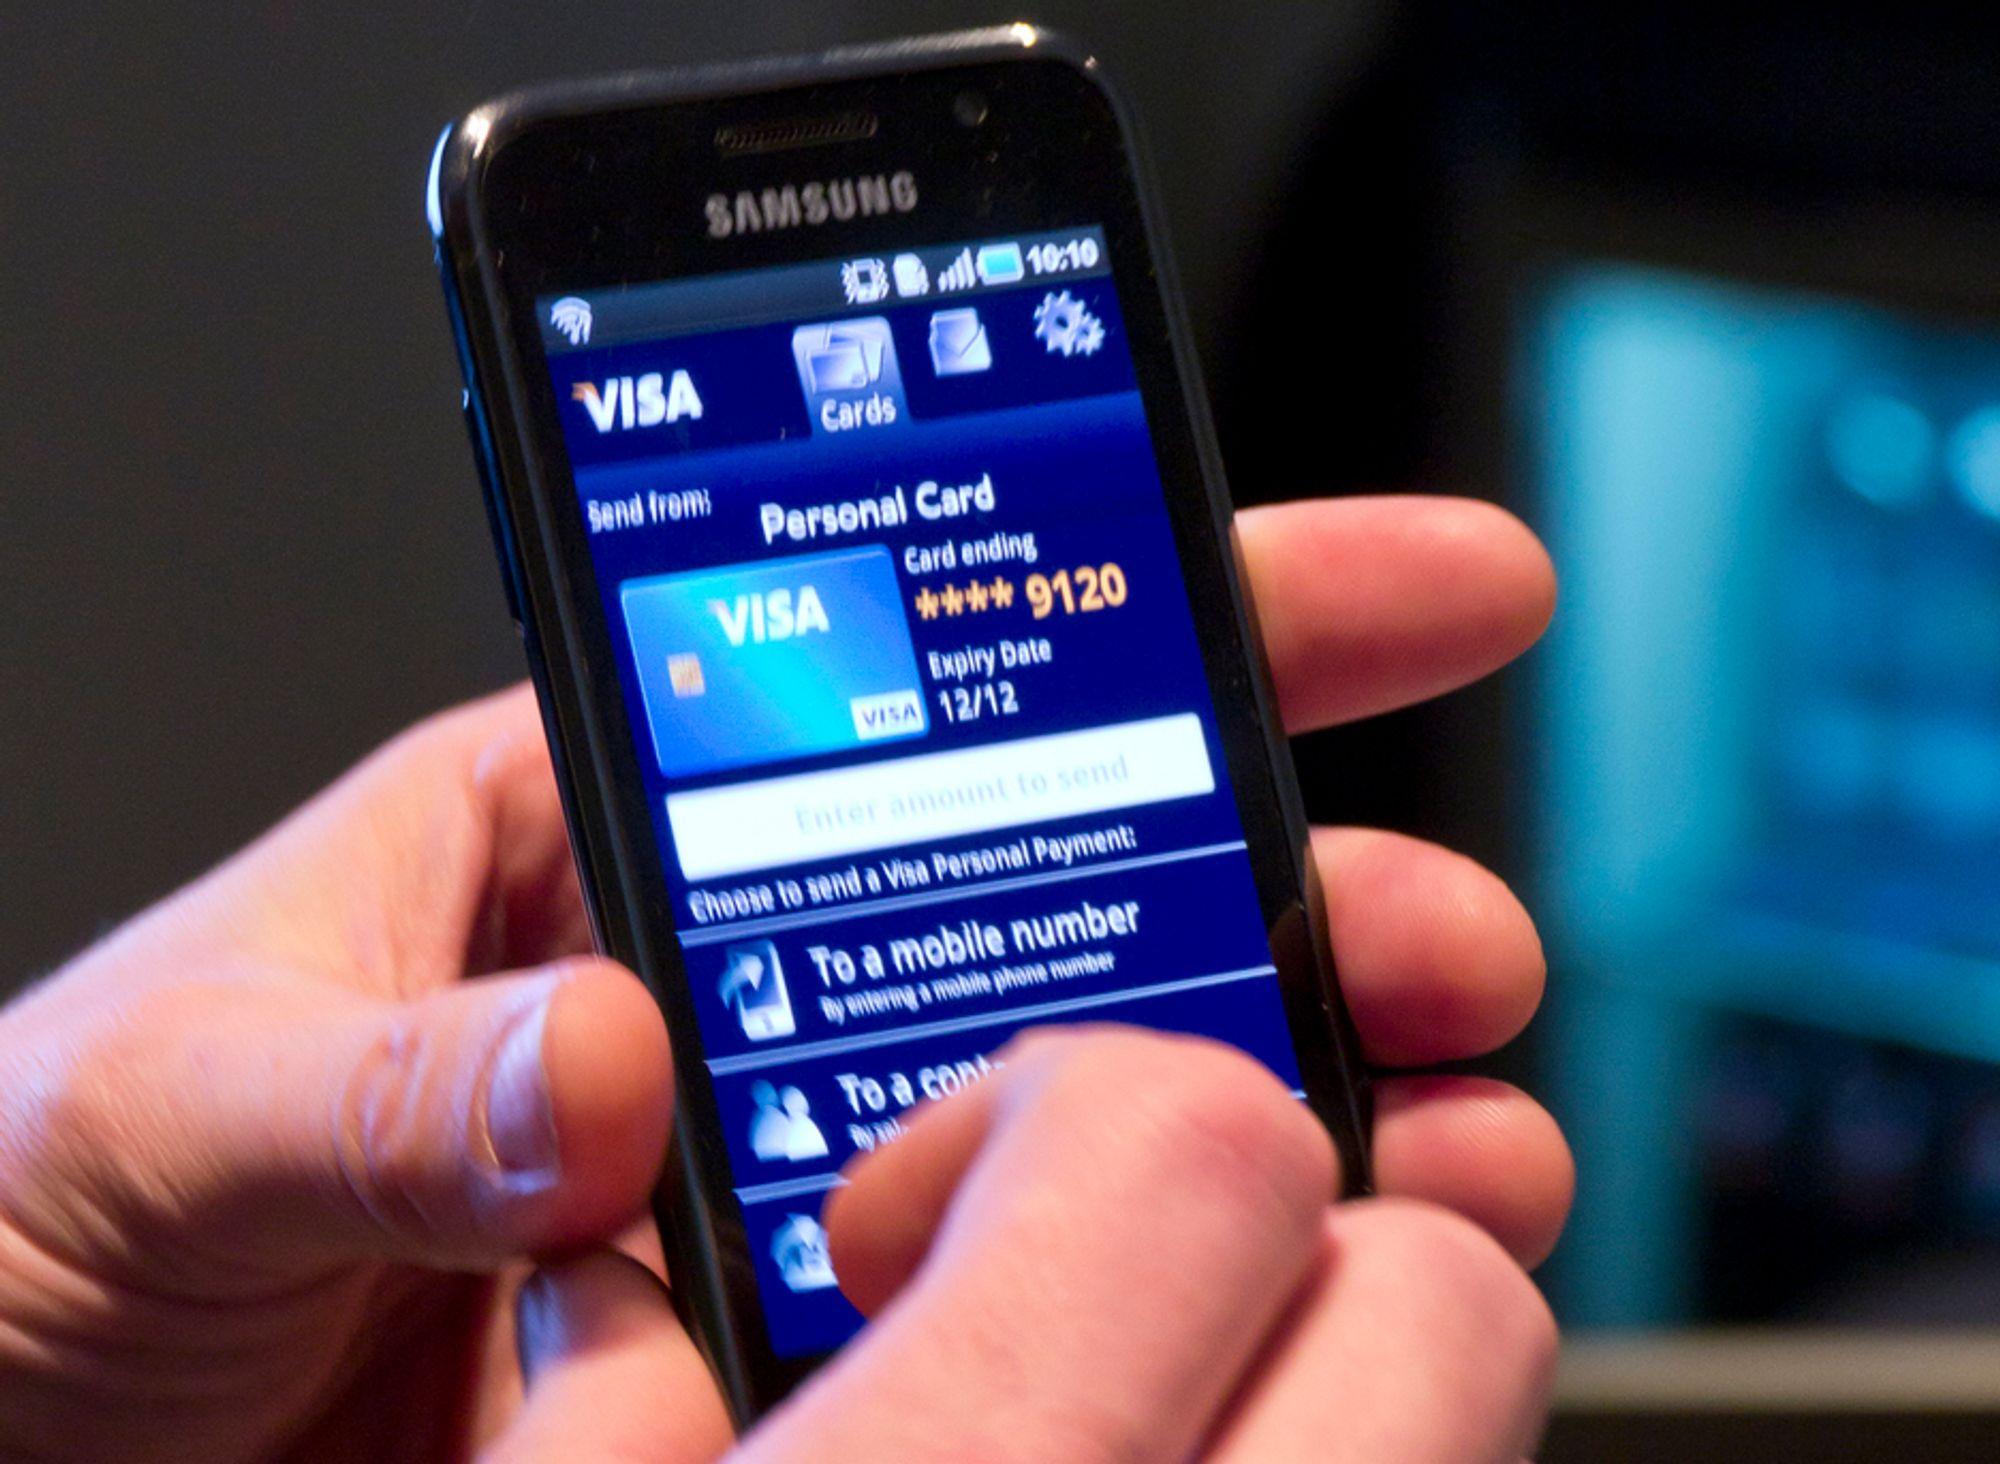 BETALE TIL PERSONER:Visas nye betalingstjeneste fra person til person vil gjøre det svært enkelt å overføre penger til folk.